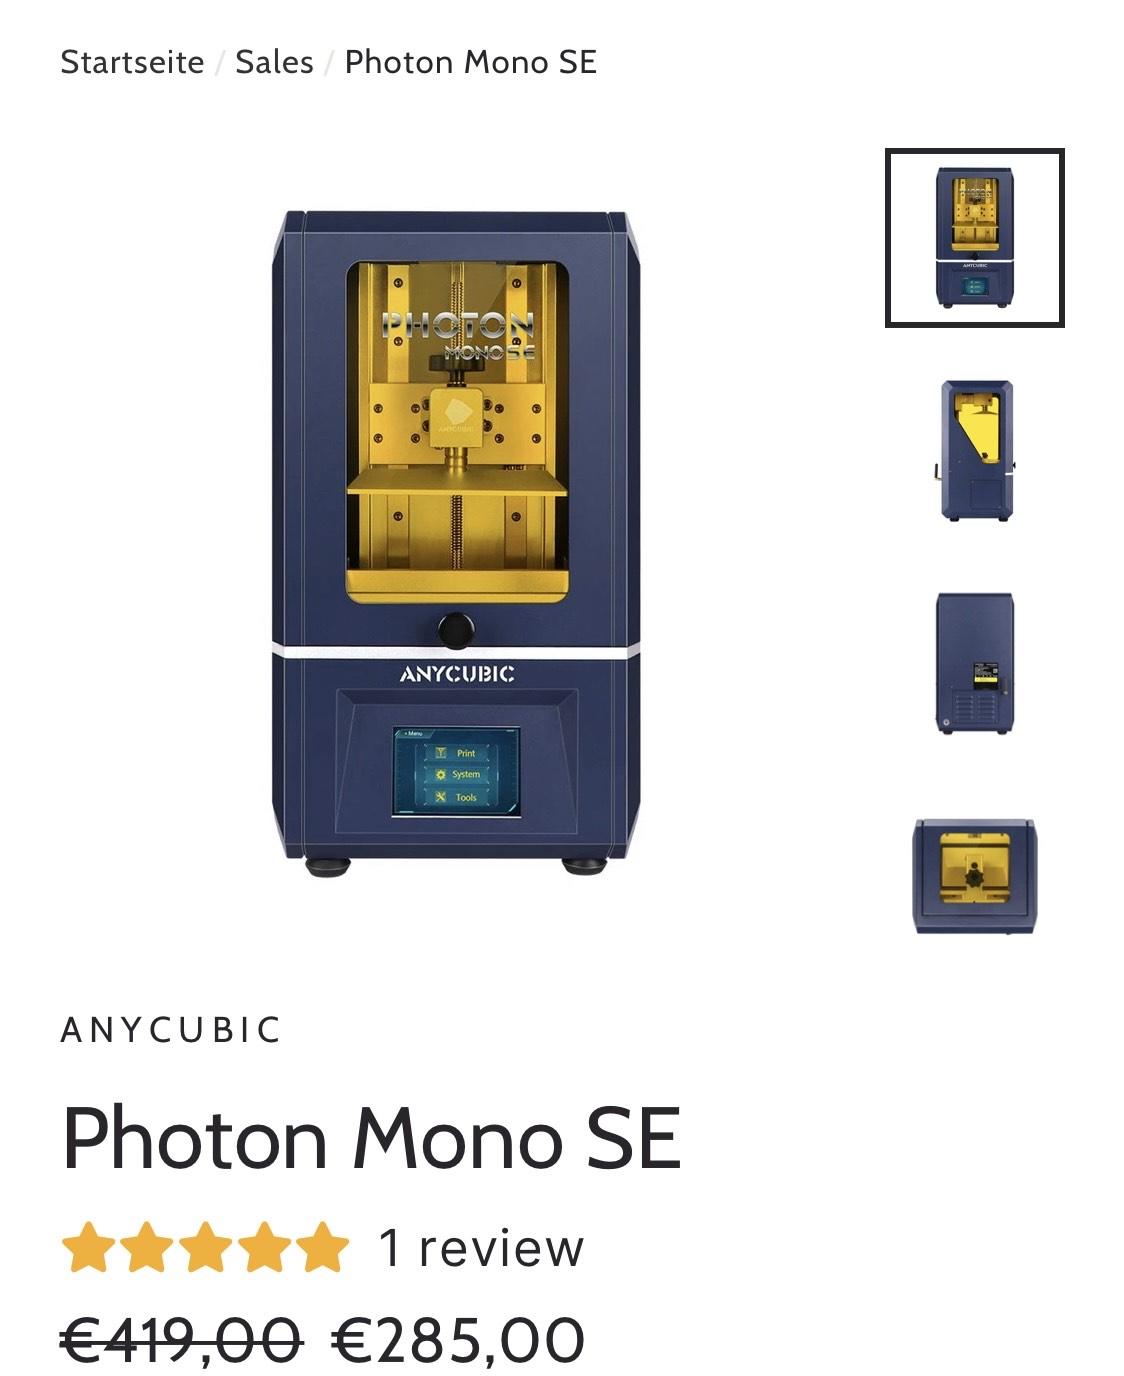 Angebote auf 3d Drucken von Anycubic z.b.Anycubic Photon Mono SE für aktuell 2853d